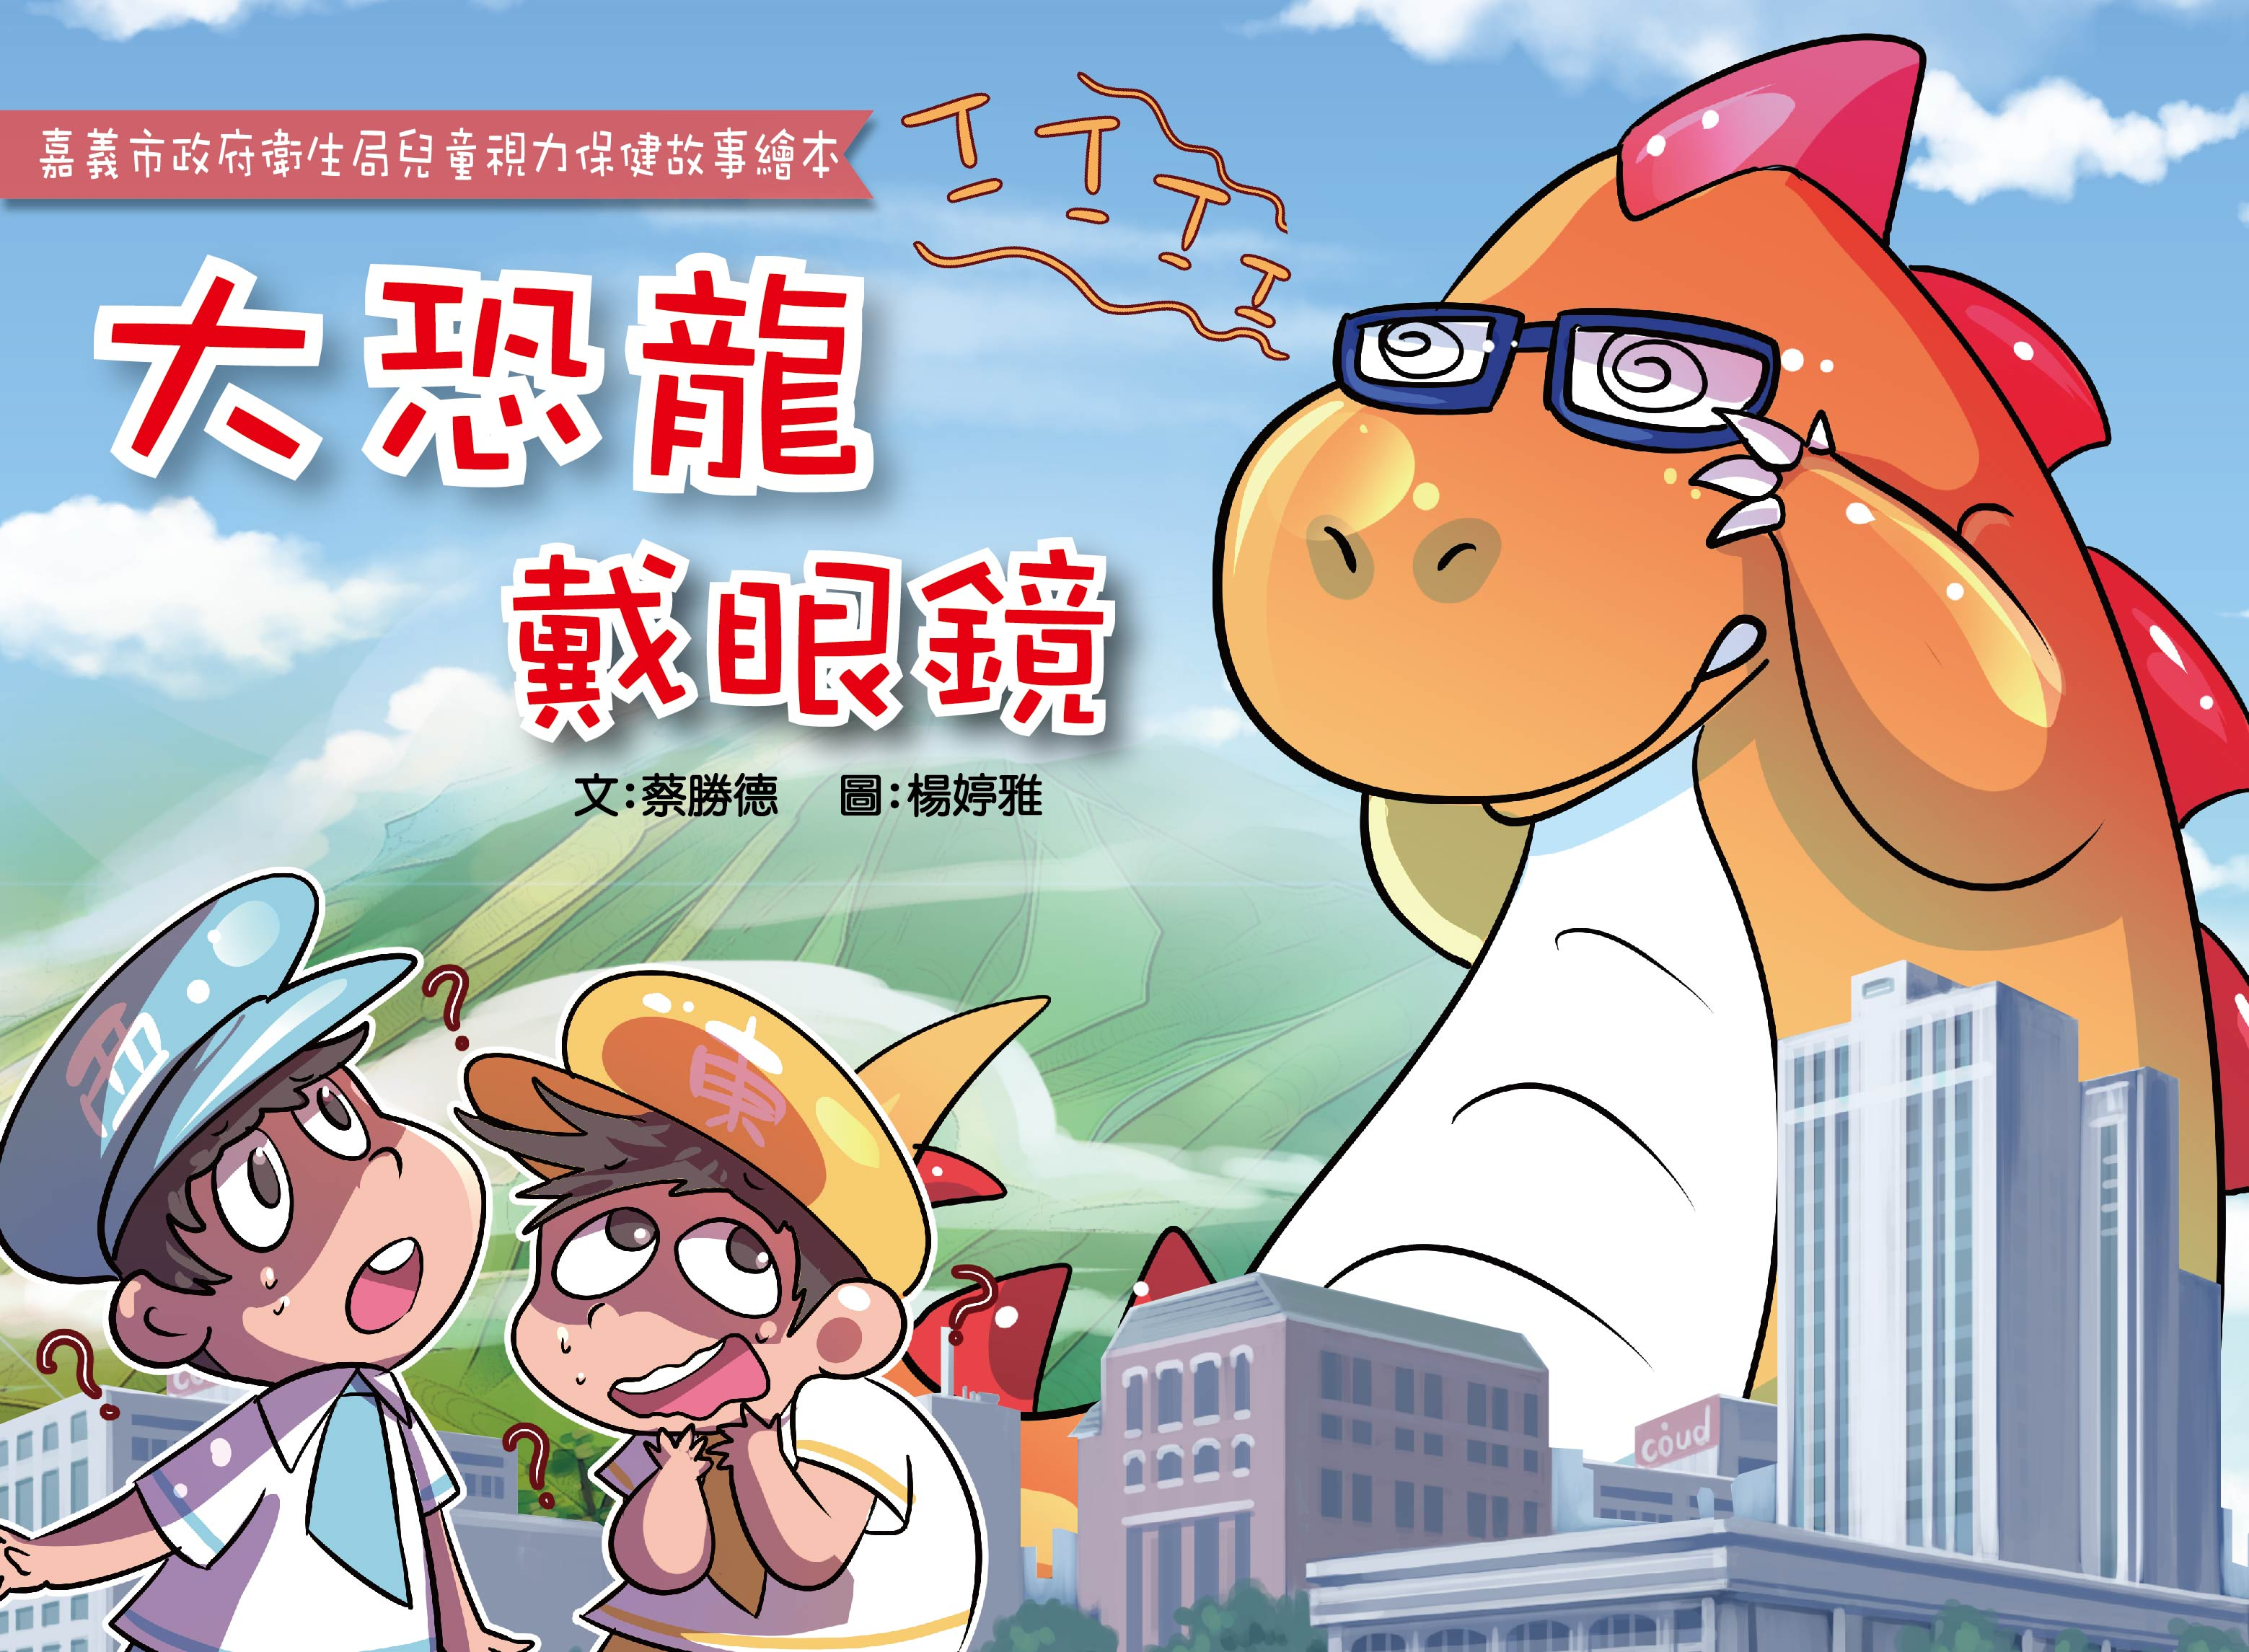 大恐龍戴眼鏡兒童視力保健故事繪本